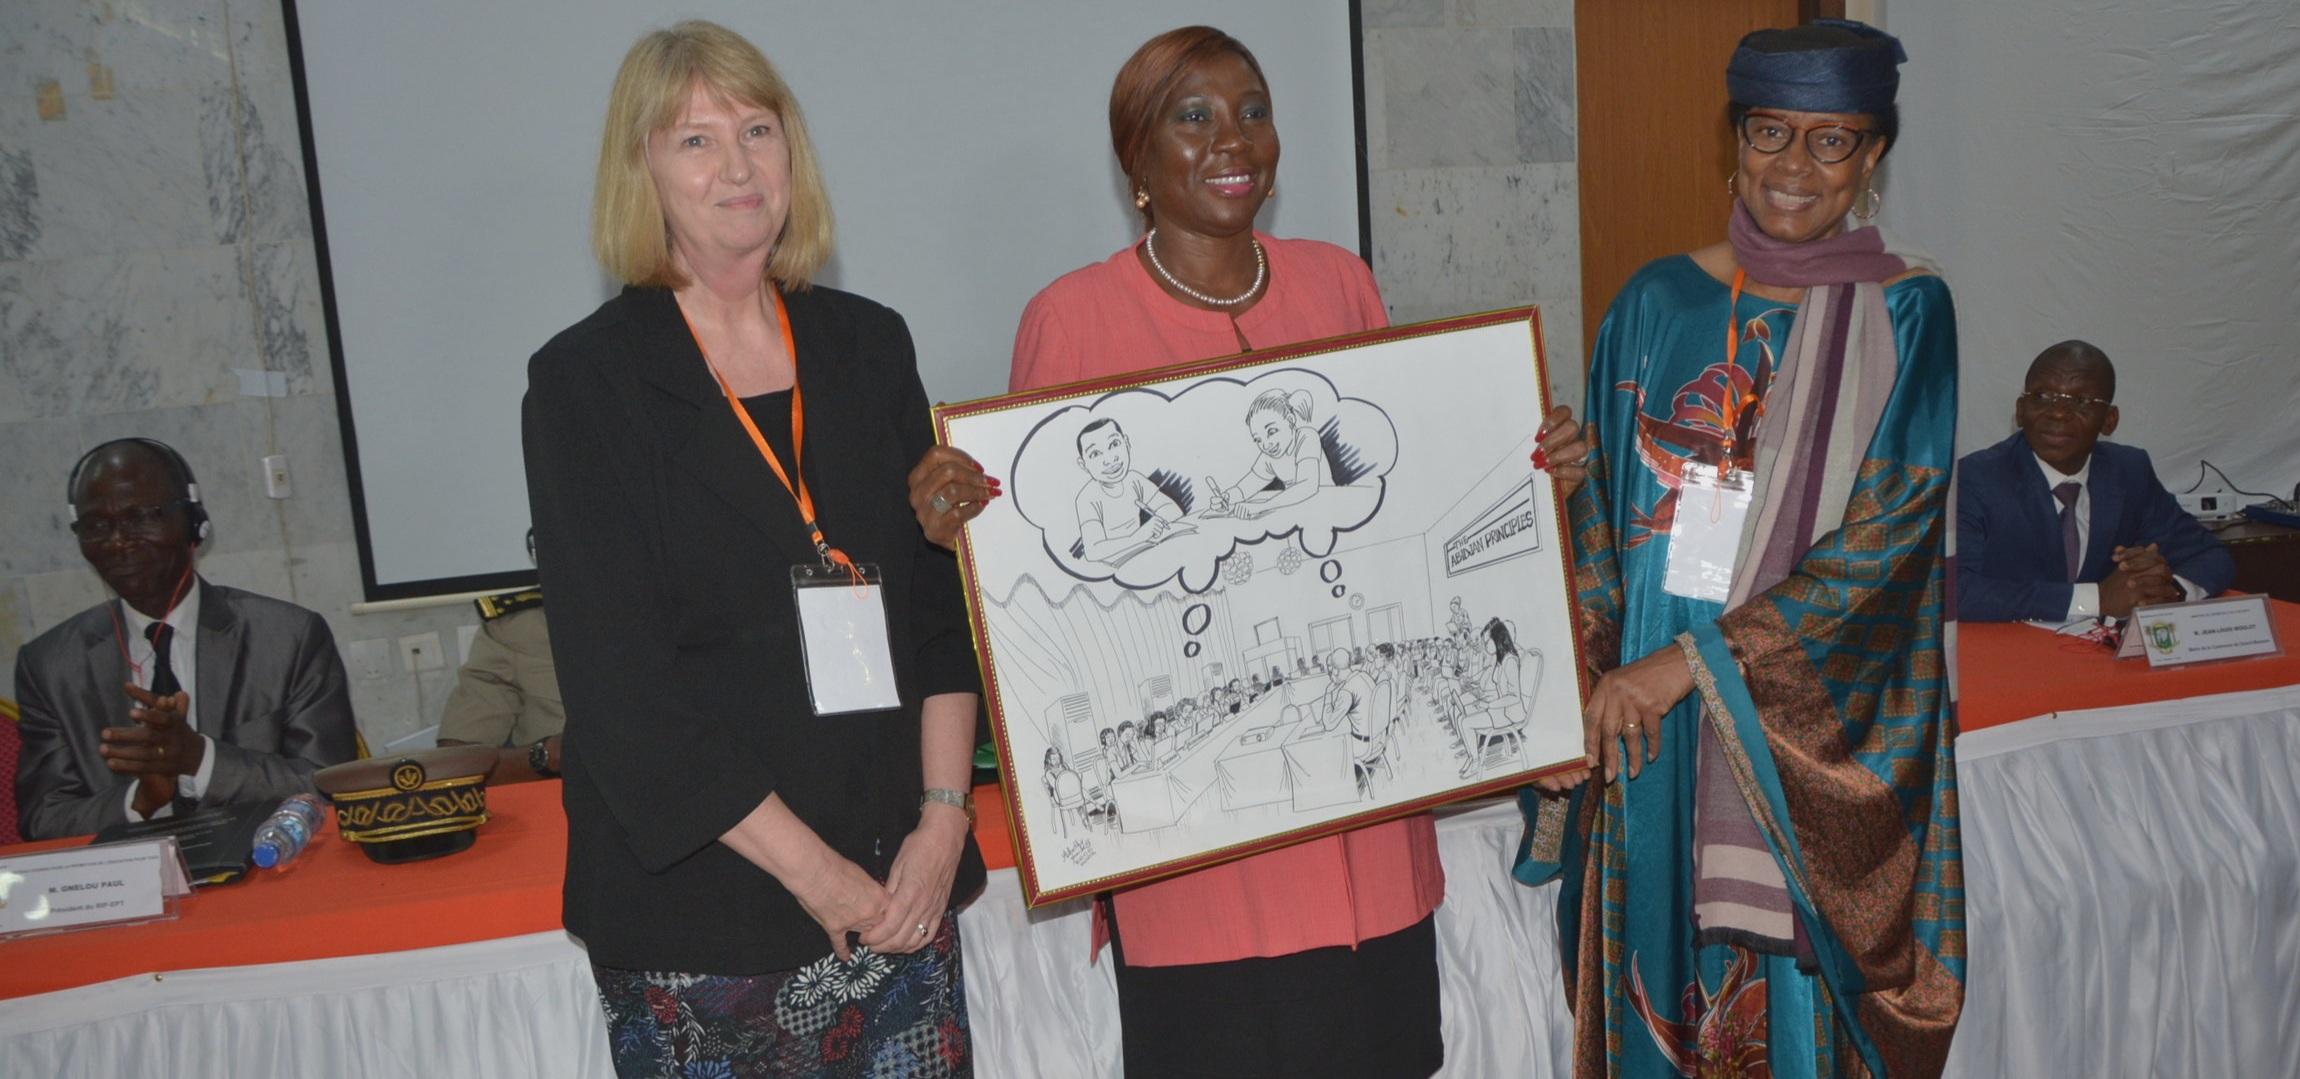 Profesora Ann Skelton, presidenta del Comité de Redacción y Cátedra UNESCO de Derecho de la Educación en África, con Madame Kombou Boly Barry, Relatora Especial de la ONU sobre el derecho a la educación, presenta un dibujo del artista Yannick Ackatchy a la Ministra de Educación de Costa de Marfil, para celebrar la adopción de los Principios de Abidjan.